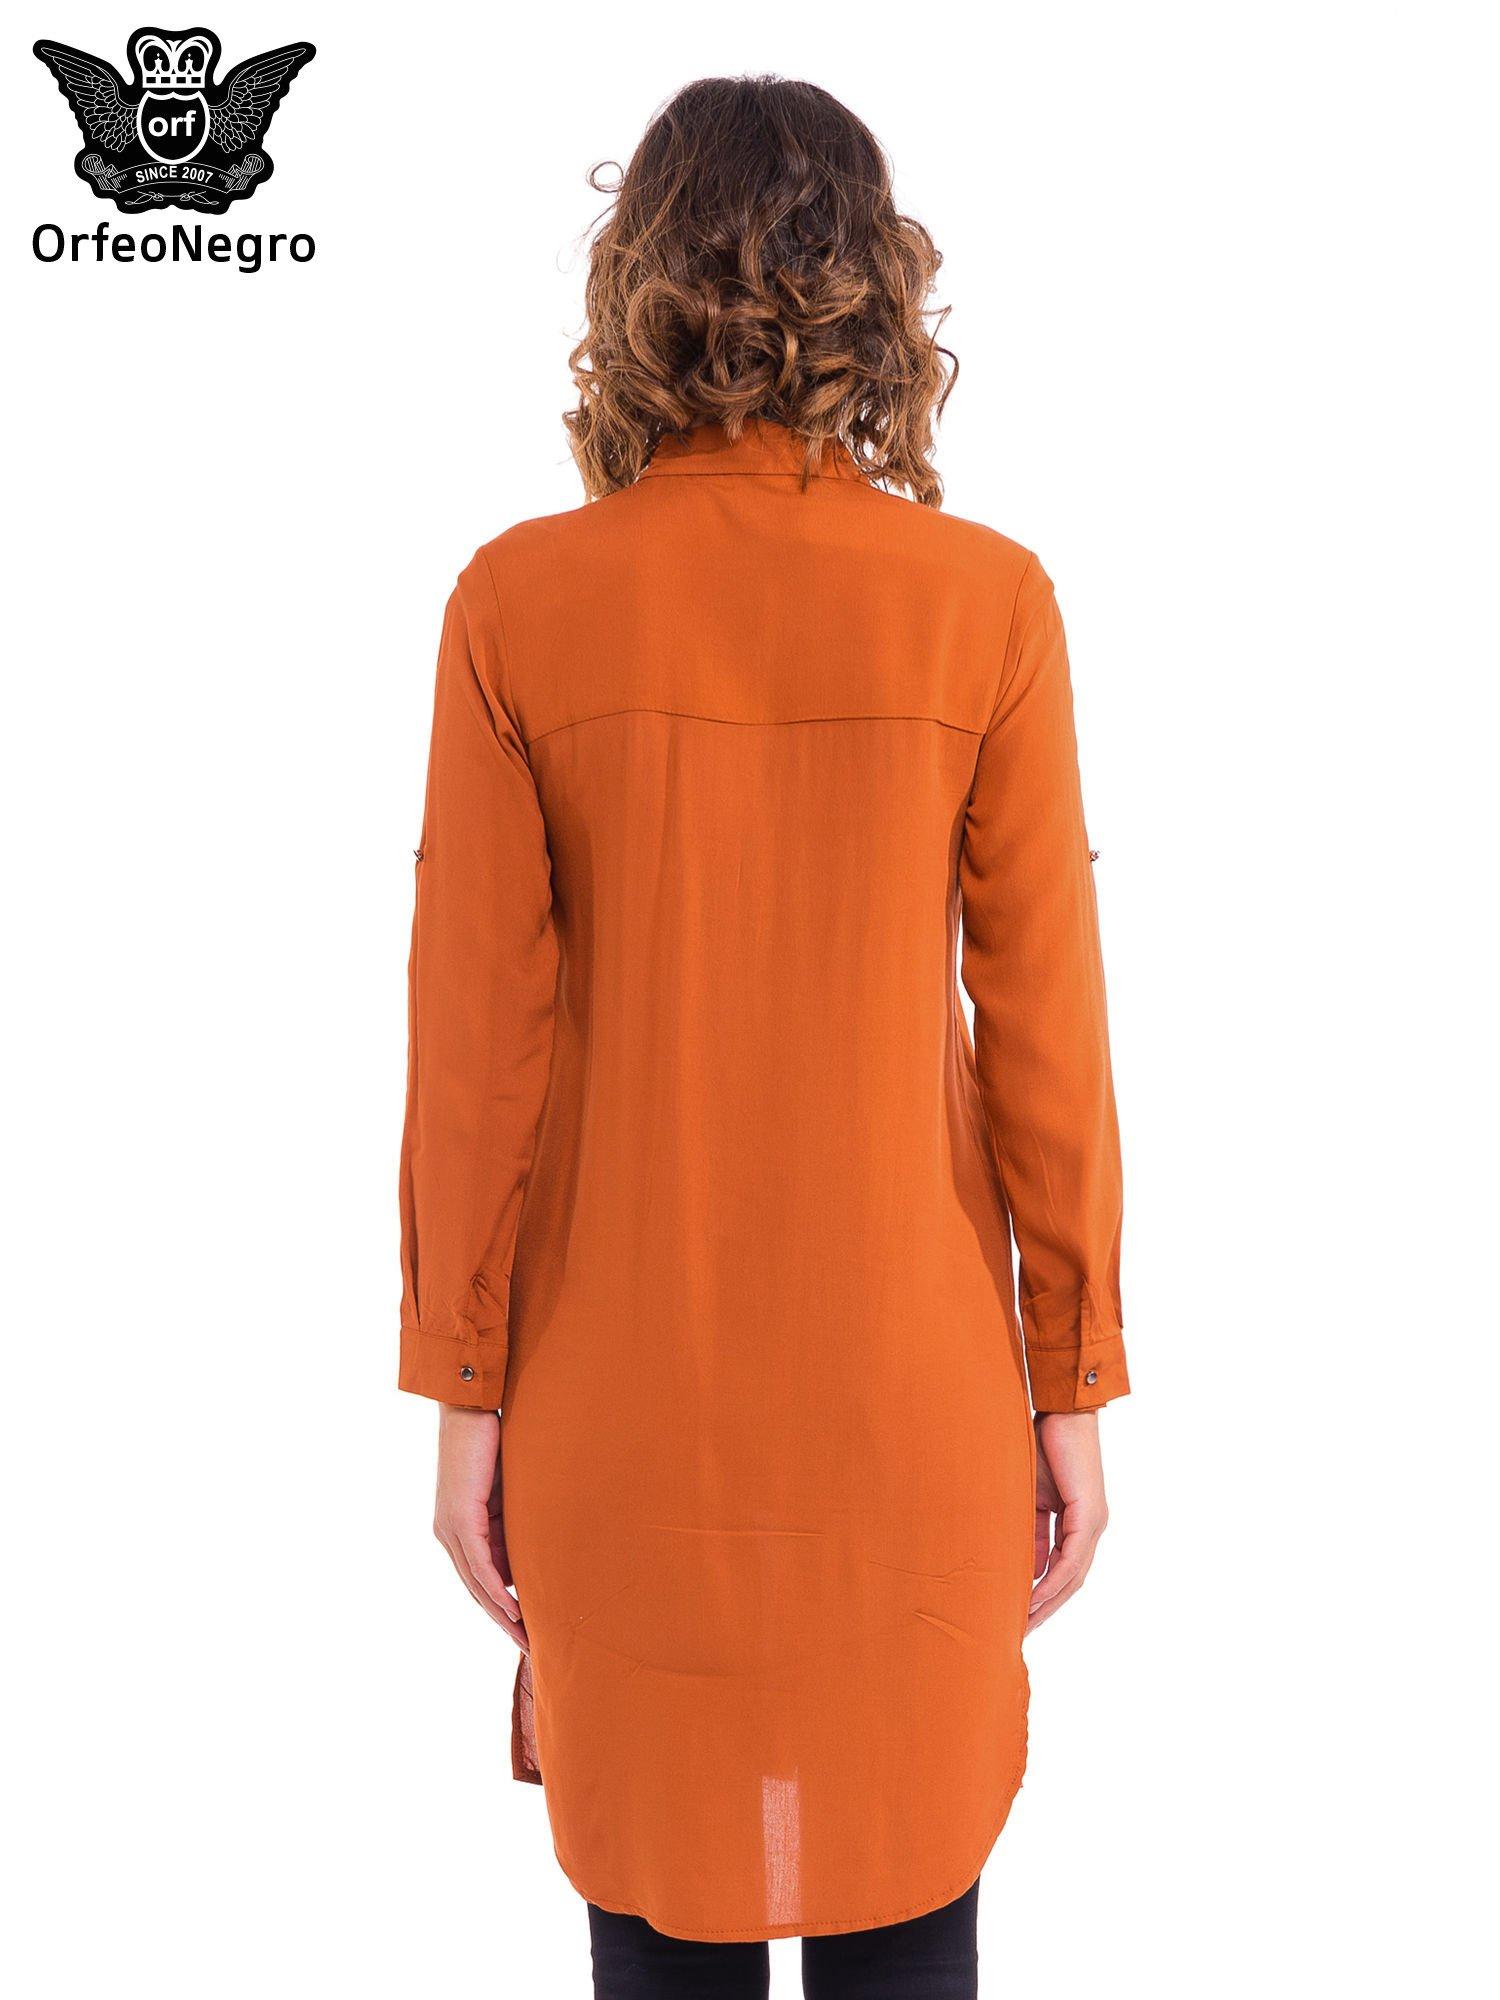 Pomarańczowa koszulotunika z kieszonkami                                  zdj.                                  4